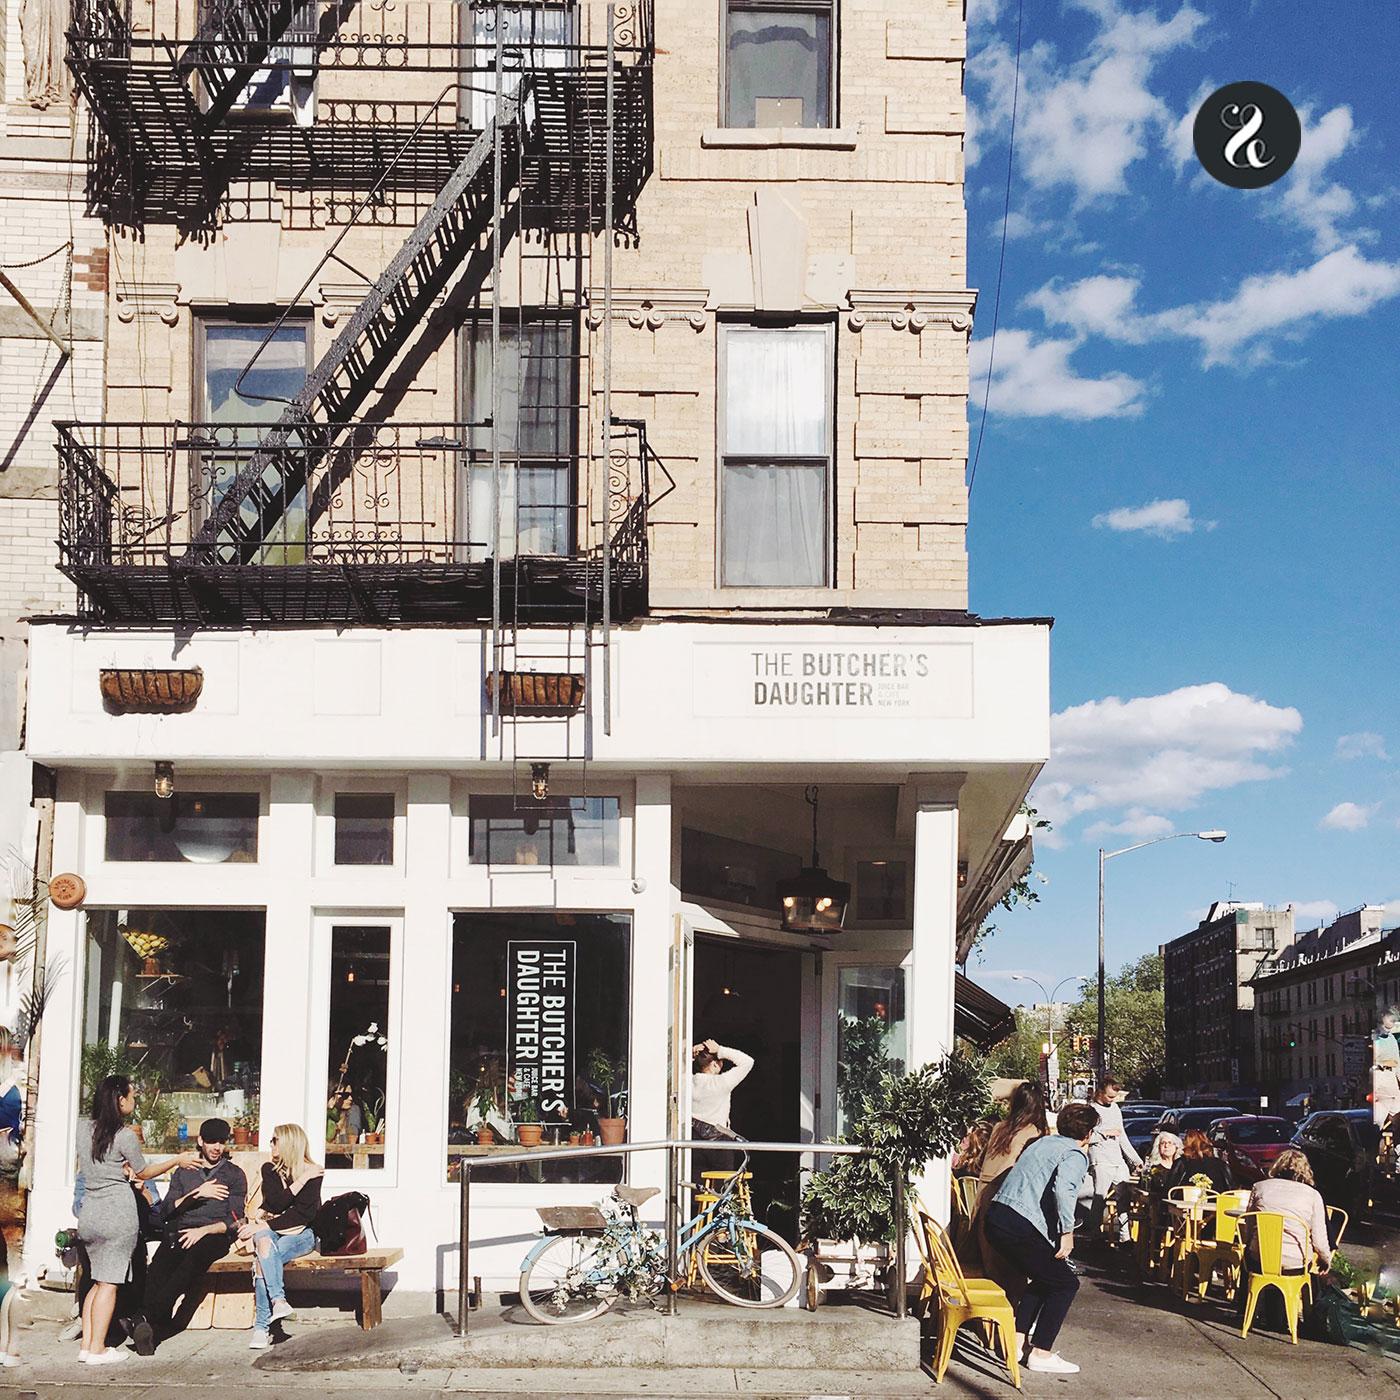 The Butcher's Daughter, en Nolita, es uno de los locales de moda entre los 'modernos' de Nueva YorkThe Butcher's Daughter, en Nolita, es uno de los locales de moda entre los 'modernos' de Nueva York